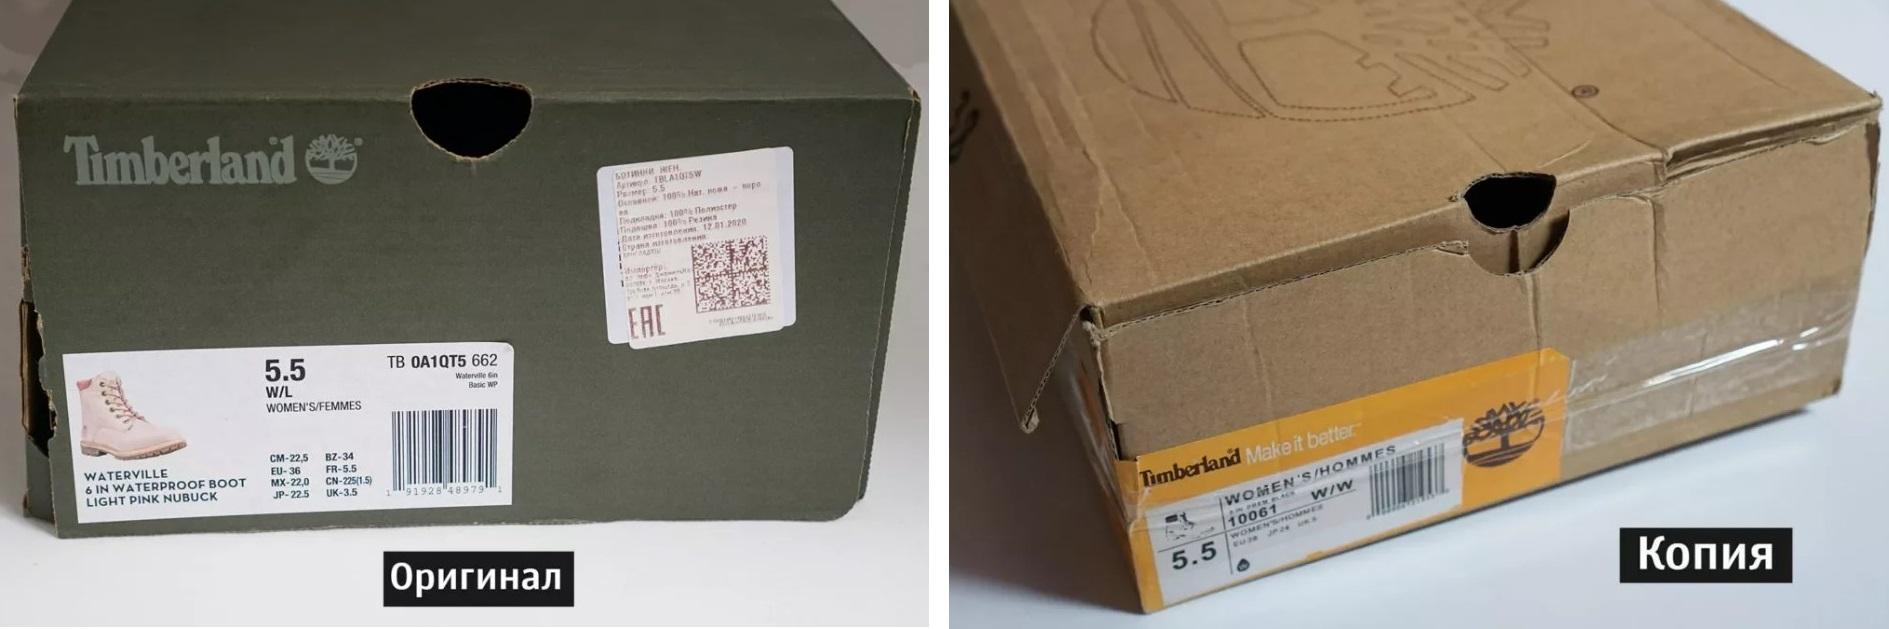 Коробка оригинальных ботинок Timberland и подделки